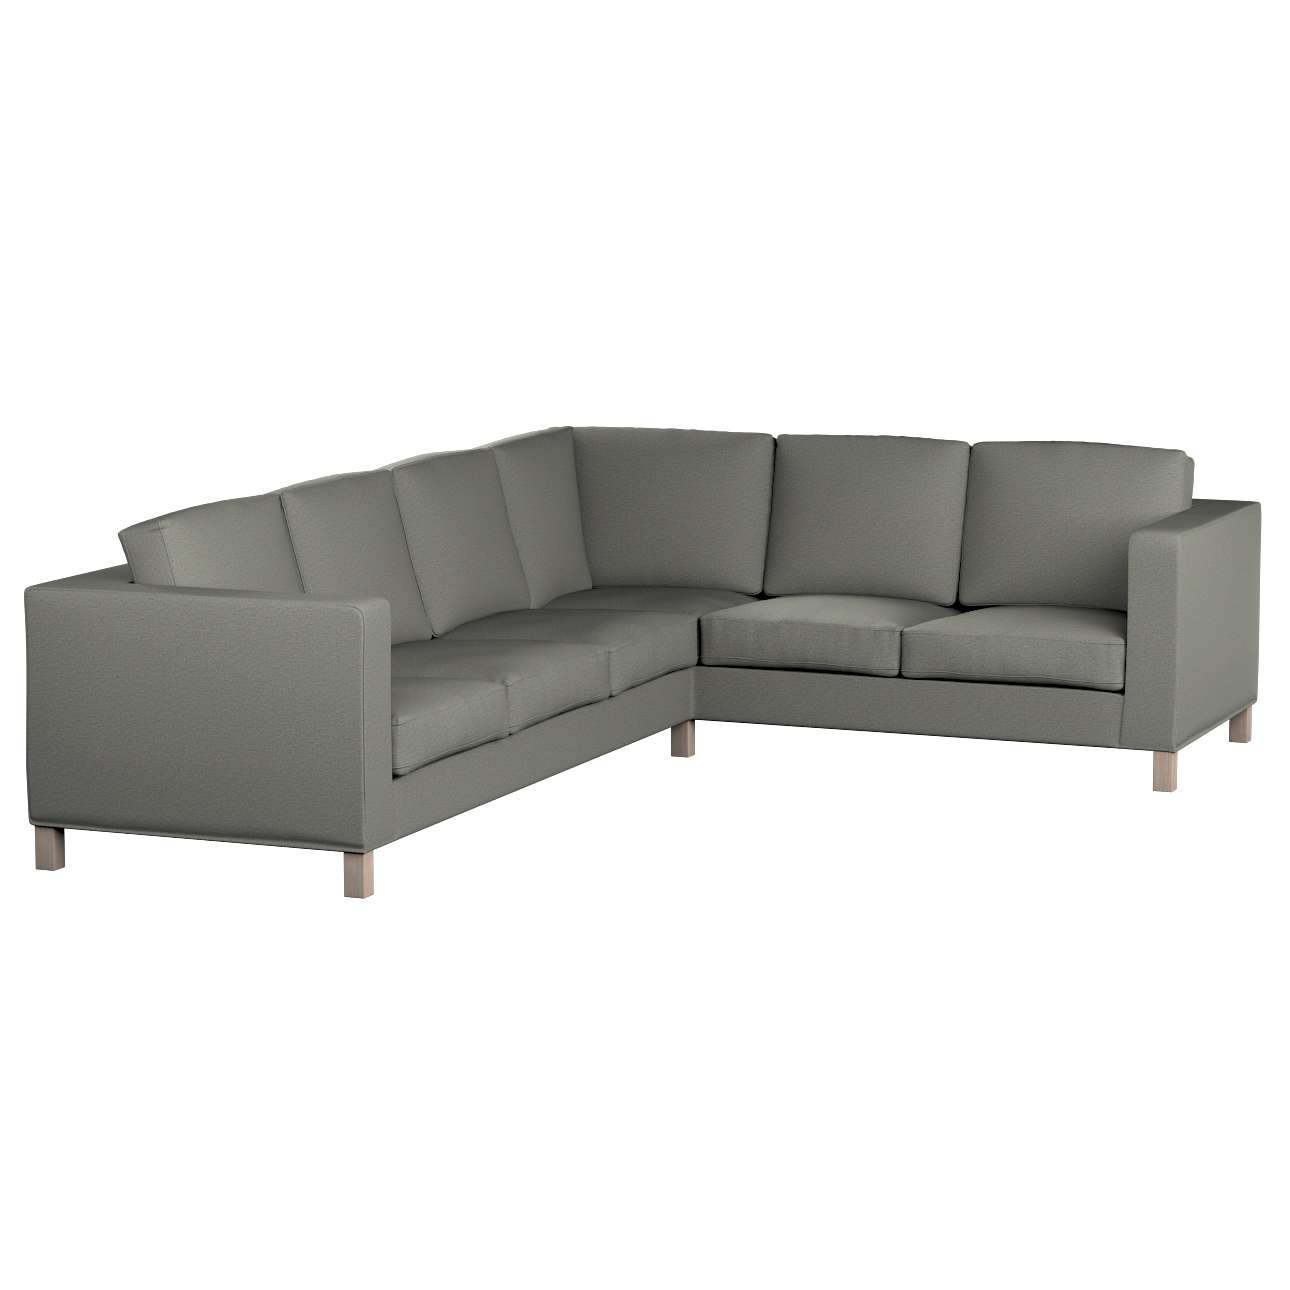 Pokrowiec na sofę narożną lewostronną Karlanda w kolekcji Etna, tkanina: 161-25